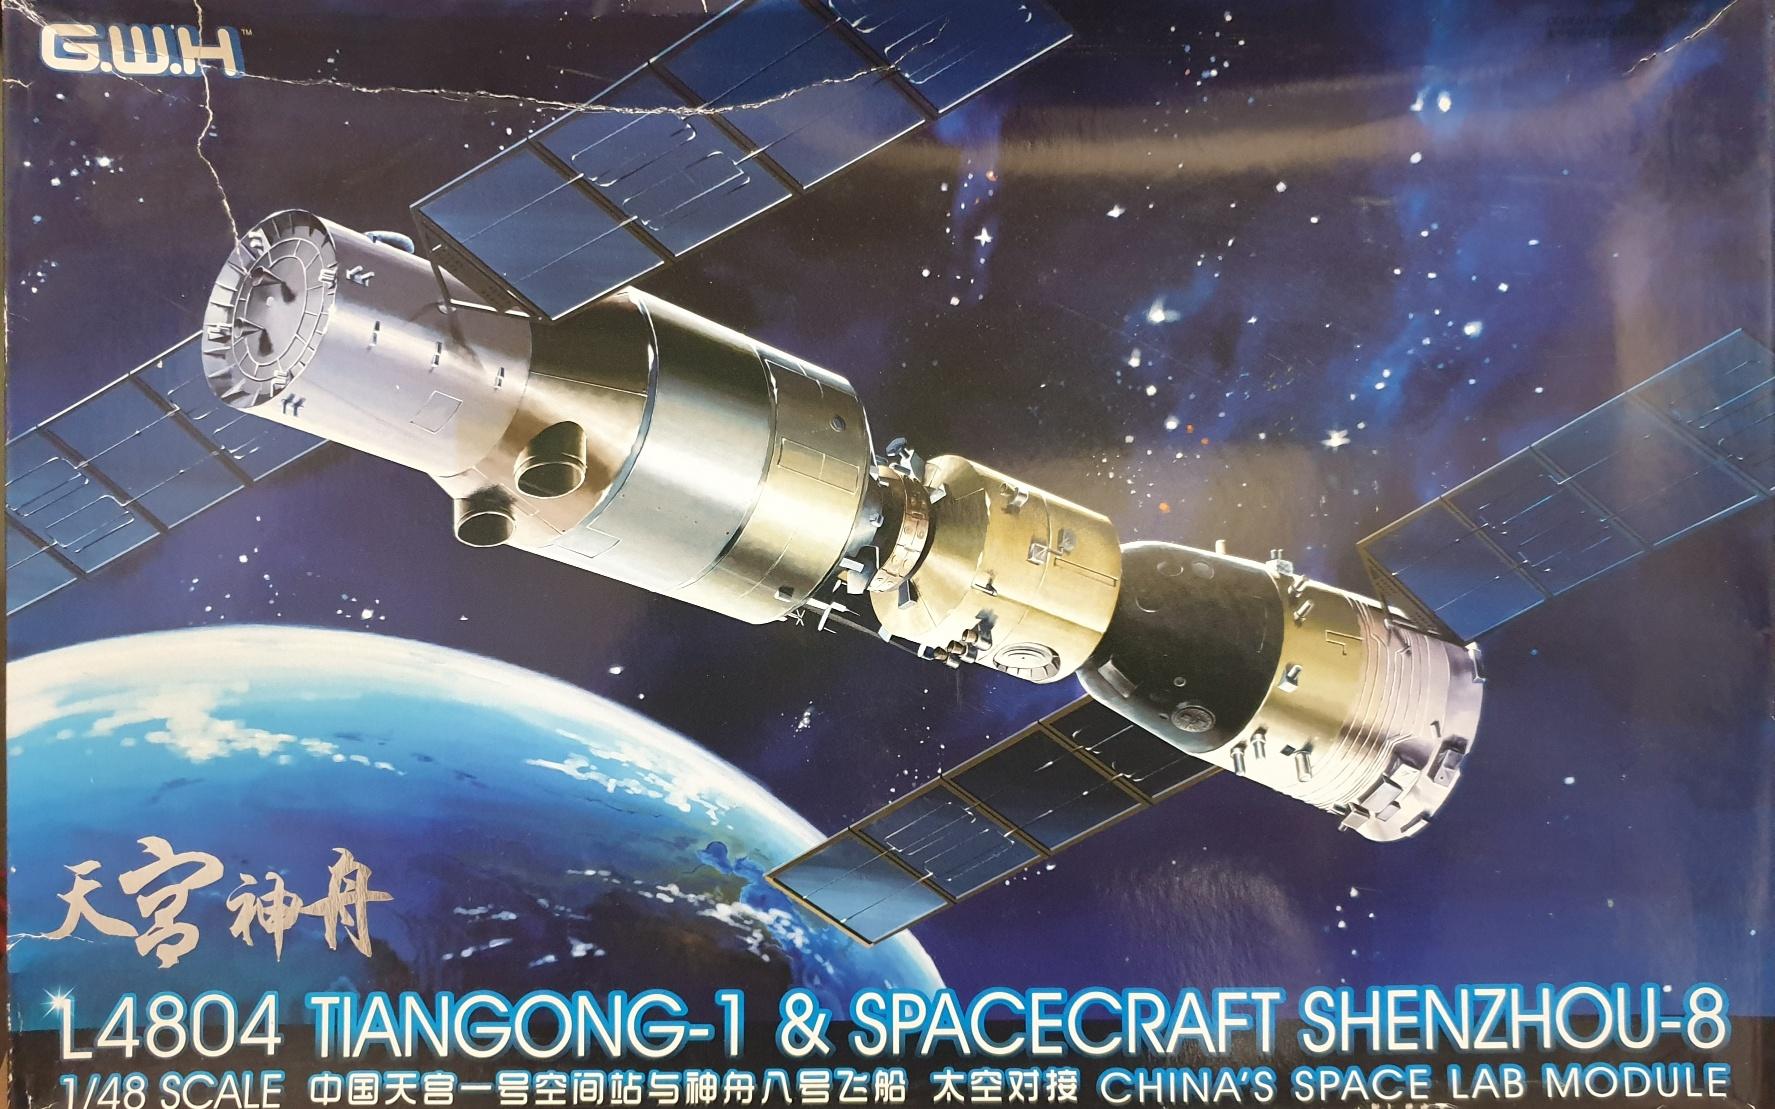 G.W.H. no. L4804 Tiangong-1 & Spacecraft Shenzhou-8 1/48